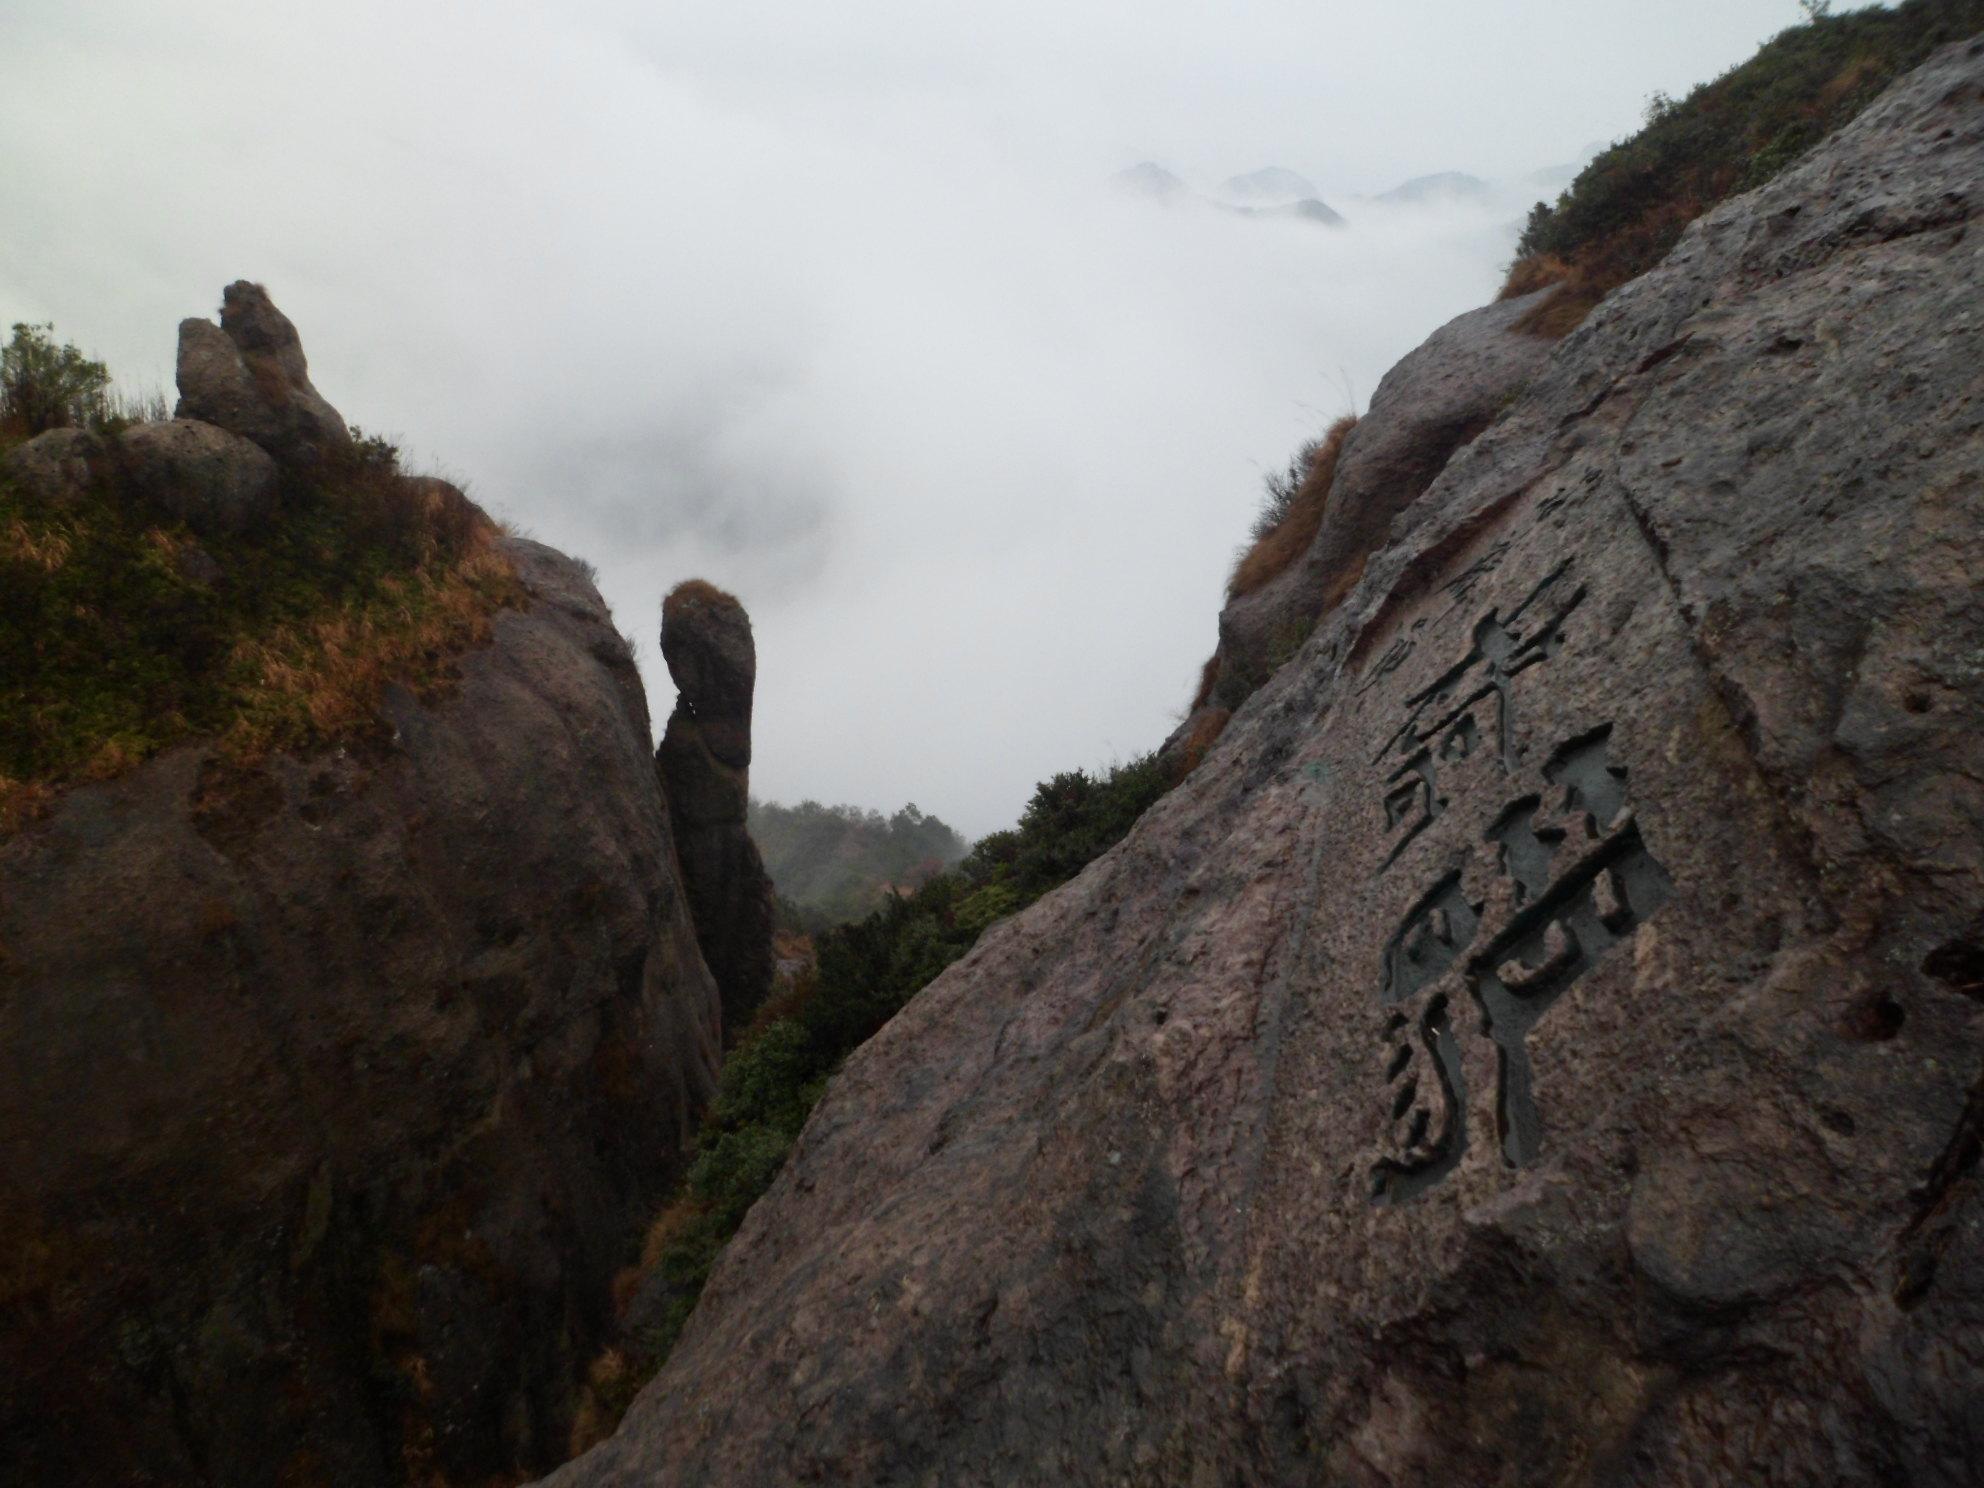 【携程攻略】温岭方山南嵩岩风景区景点,去的时候门票图片